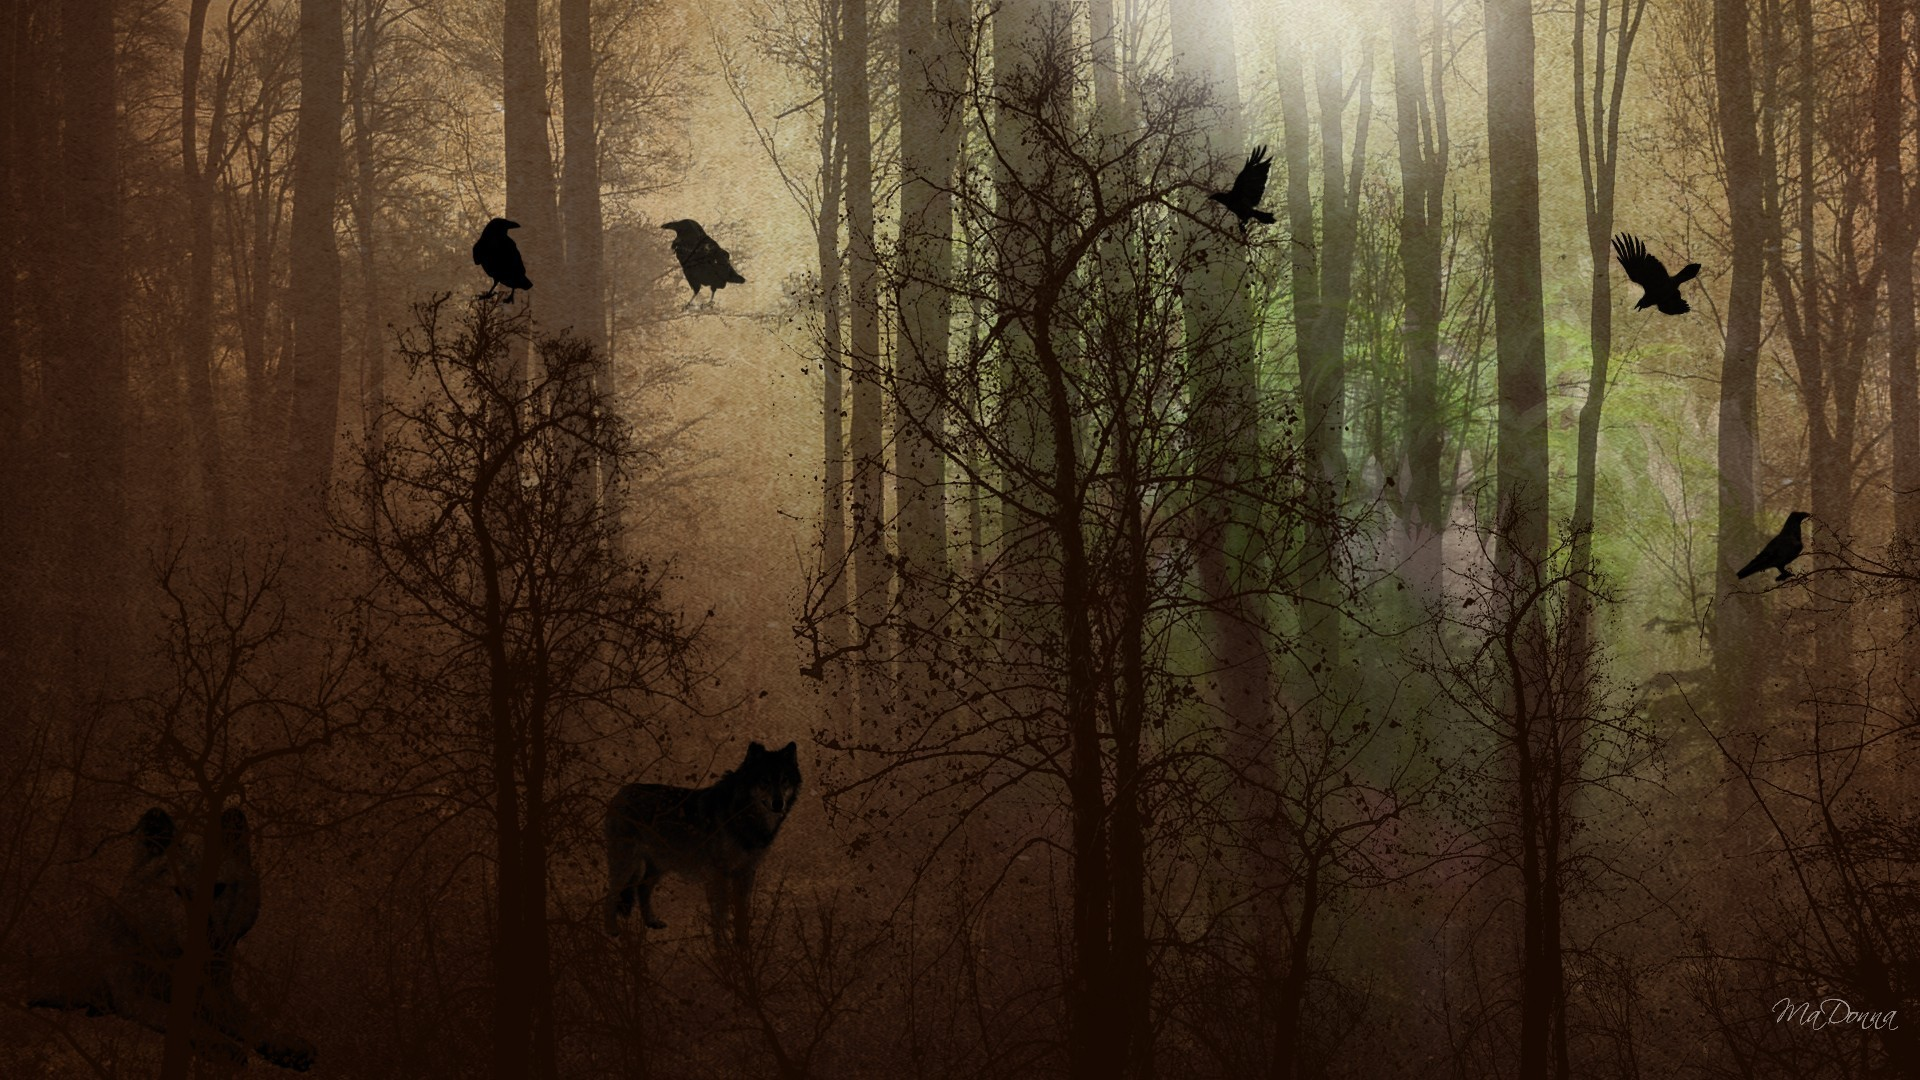 Girl In Woods Wallpaper Crow Desktop Wallpaper 67 Images